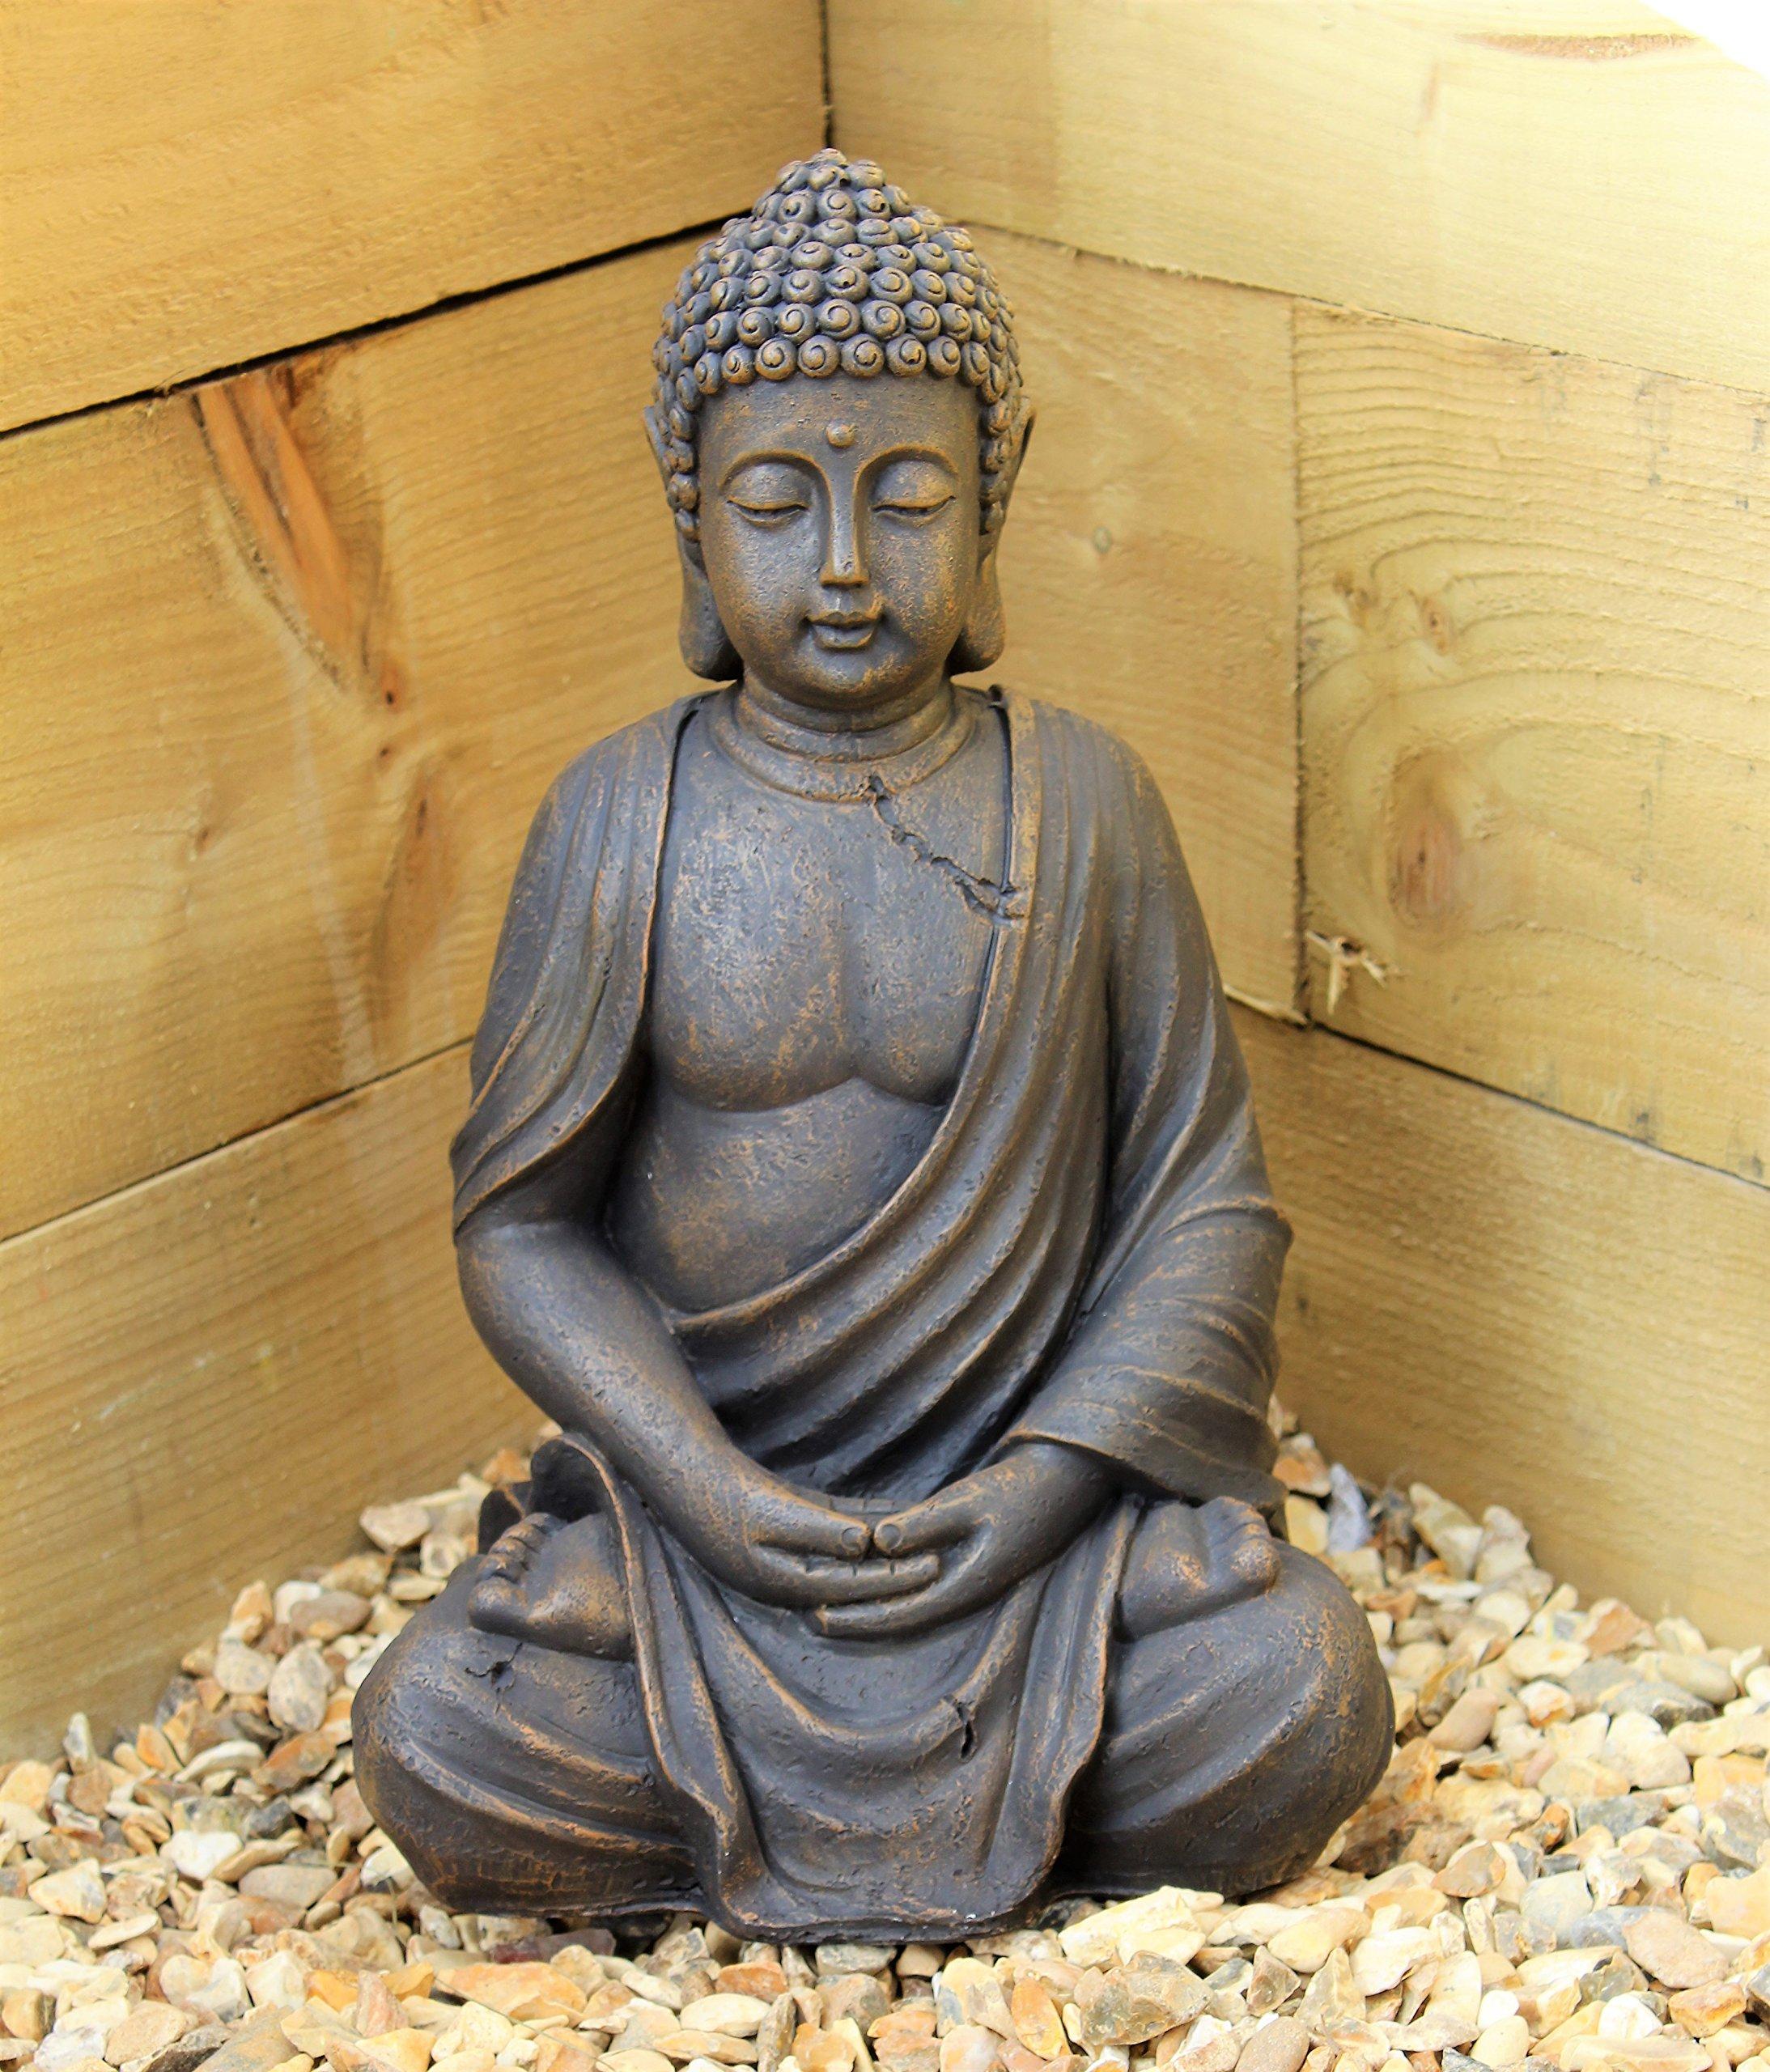 sculptures et statues de jardin statues guide d achat classement tests et avis. Black Bedroom Furniture Sets. Home Design Ideas